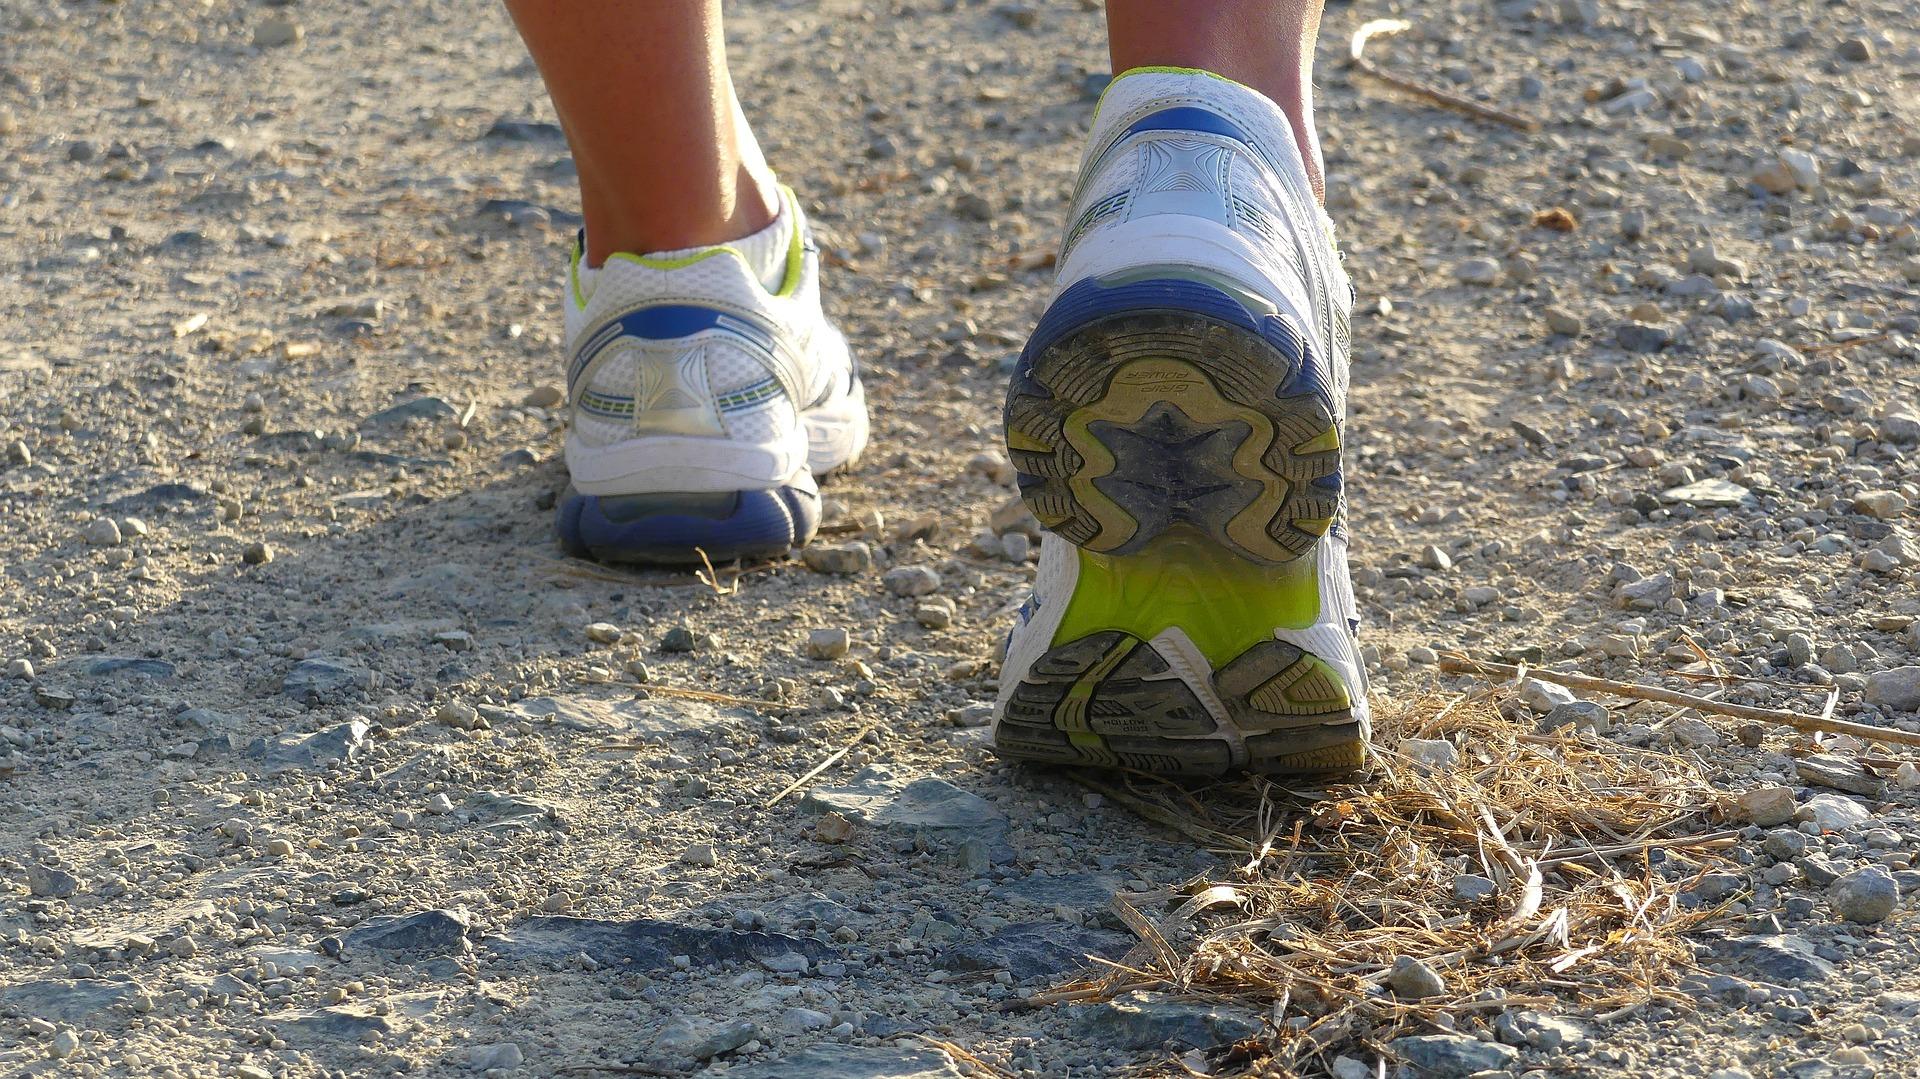 Odpadkům neutečeme. Plogging – kombinace sportu a ekologie dobývá Česko